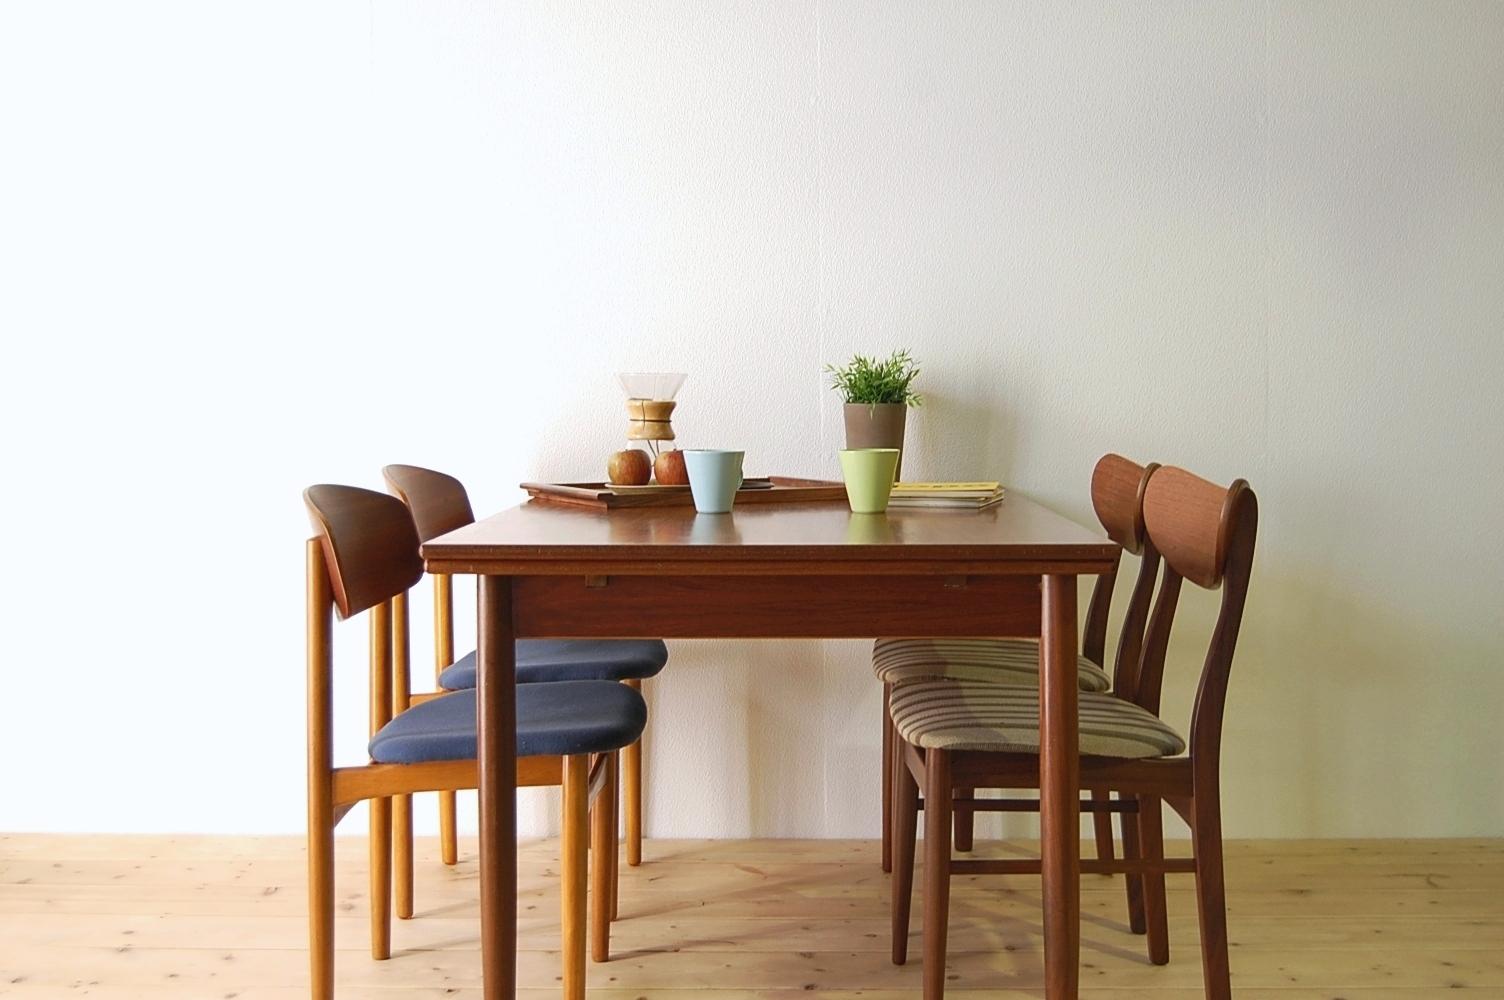 ナチュラルな魅力がいっぱい!やっぱり北欧のテーブルが欲しい!のサムネイル画像